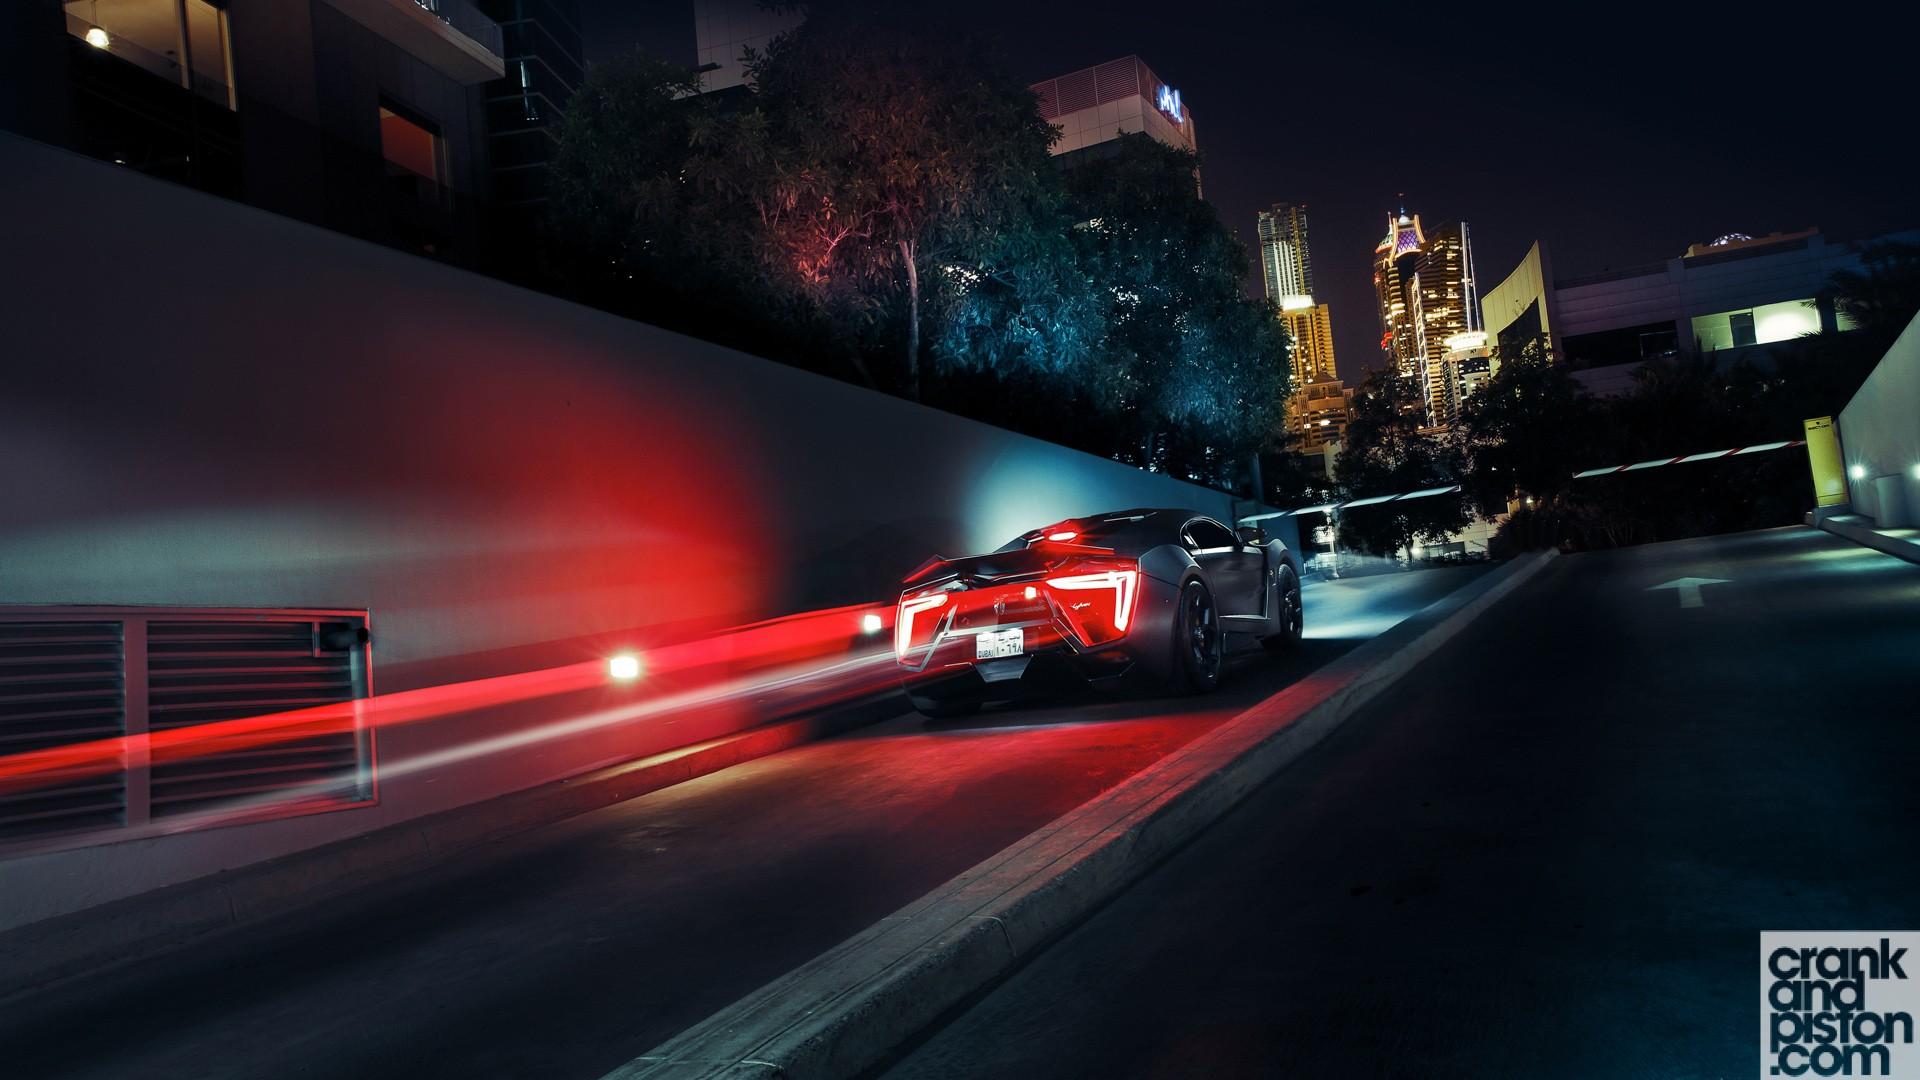 Black Jaguar Cars Wallpapers Hd W Motors Lykan Hypersport 4 Wallpaper Hd Car Wallpapers